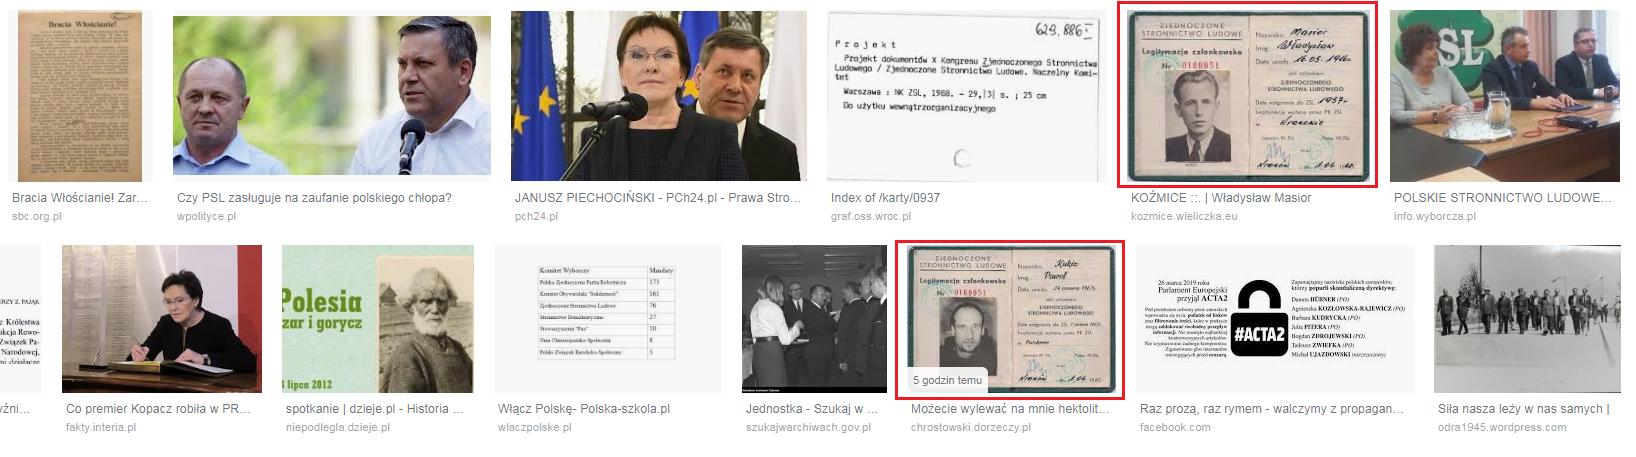 """Wyniki wyszukiwania frazy """"Zjednoczone Stronnictwo Ludowe"""" w Google Grafika"""